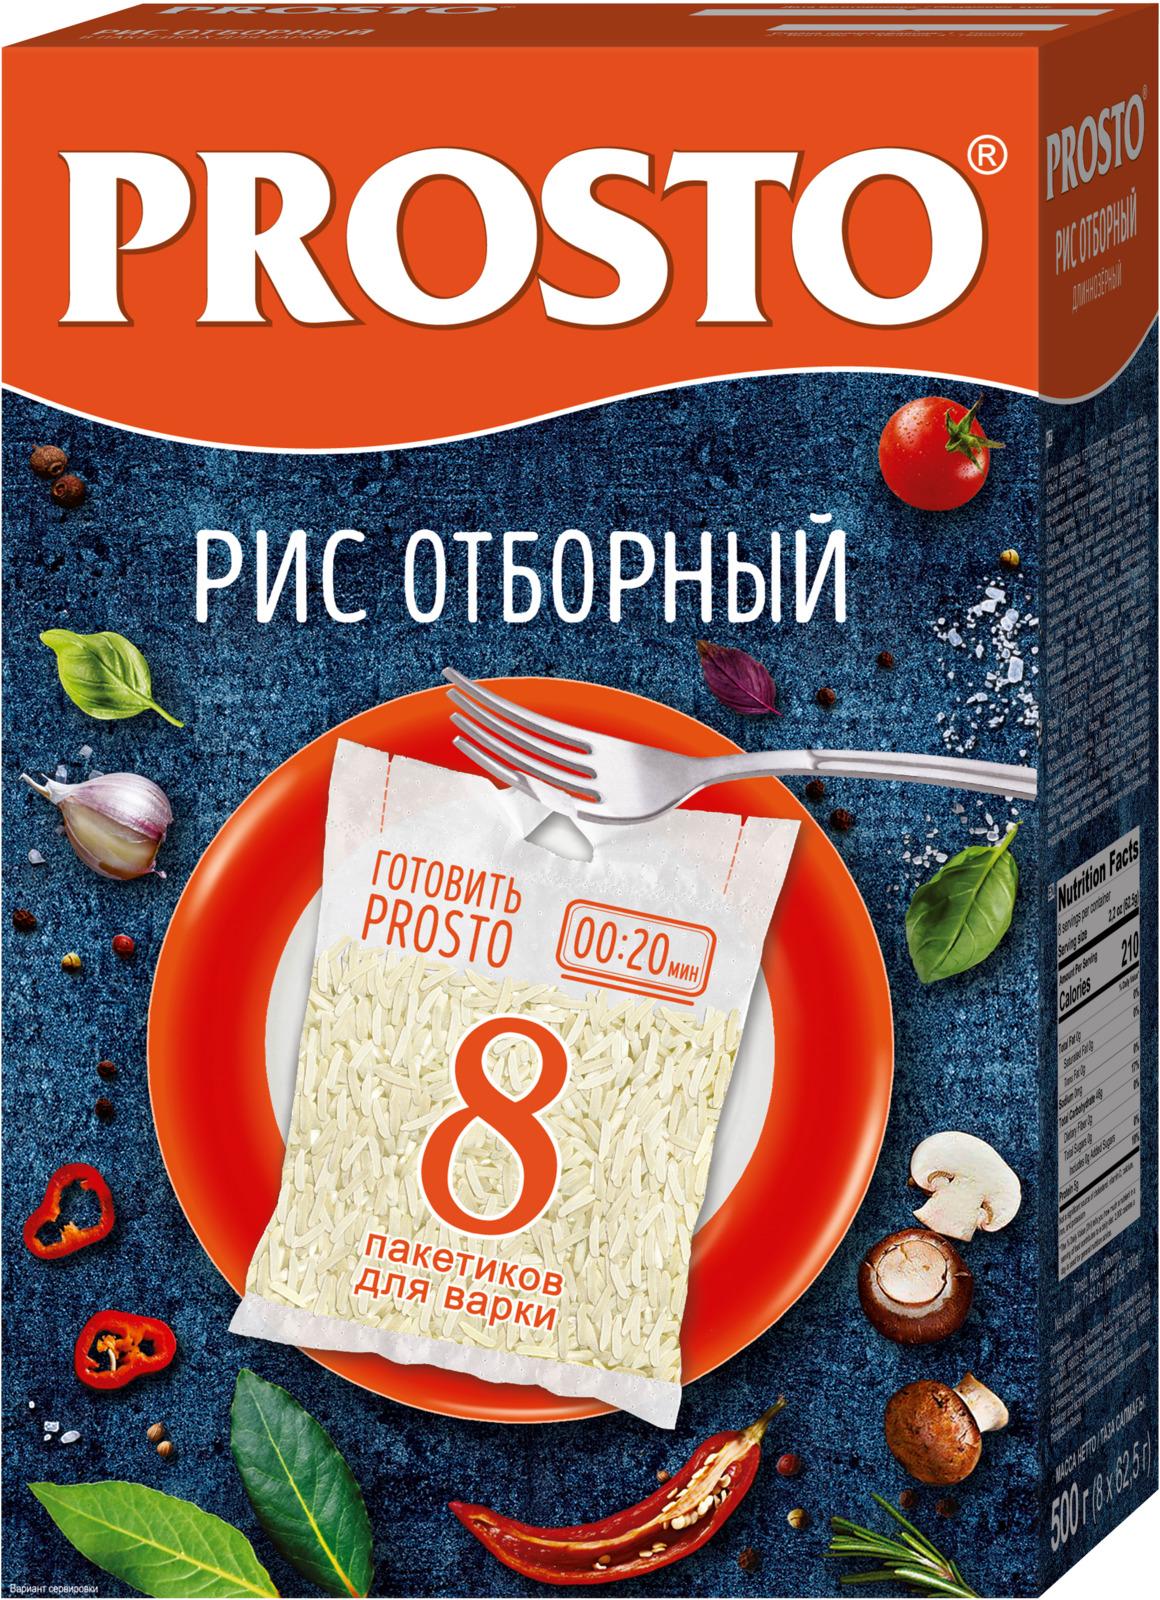 Prosto рис длиннозерный отборный в пакетиках для варки, 8 шт по 62,5 г цена